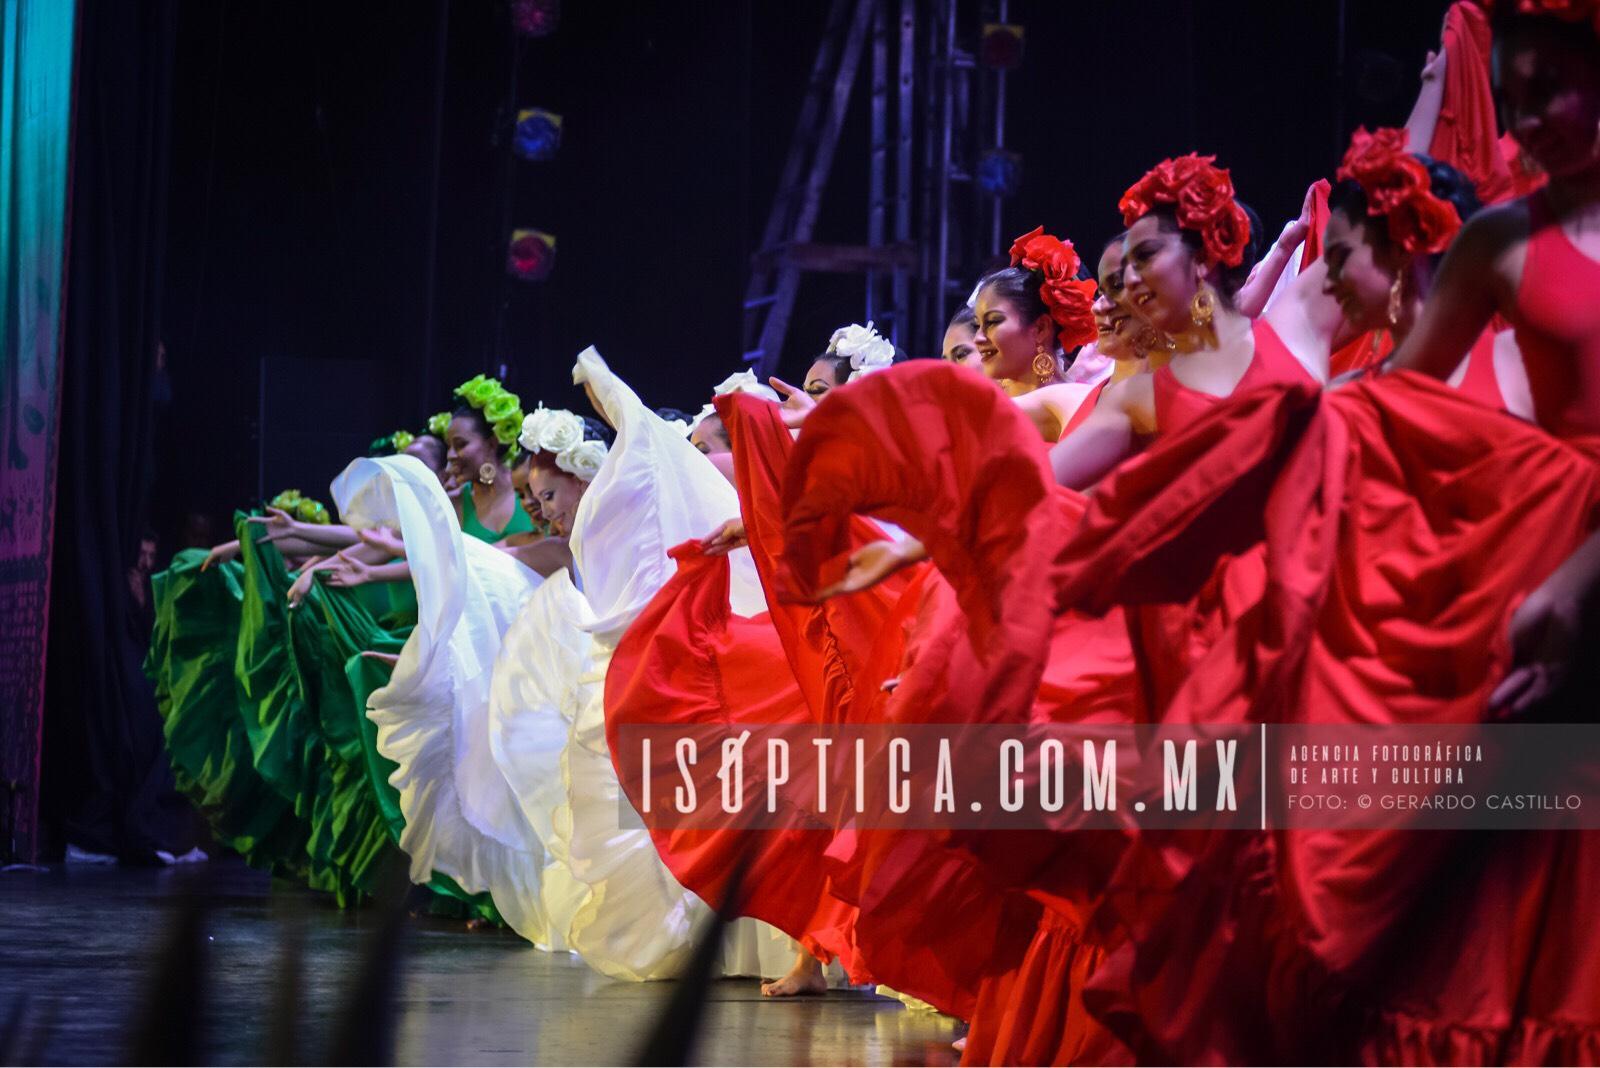 Ballet_FolcloricoEdoMex_Foto-GerardoCastillo-ISOPTICA_IMG_2660